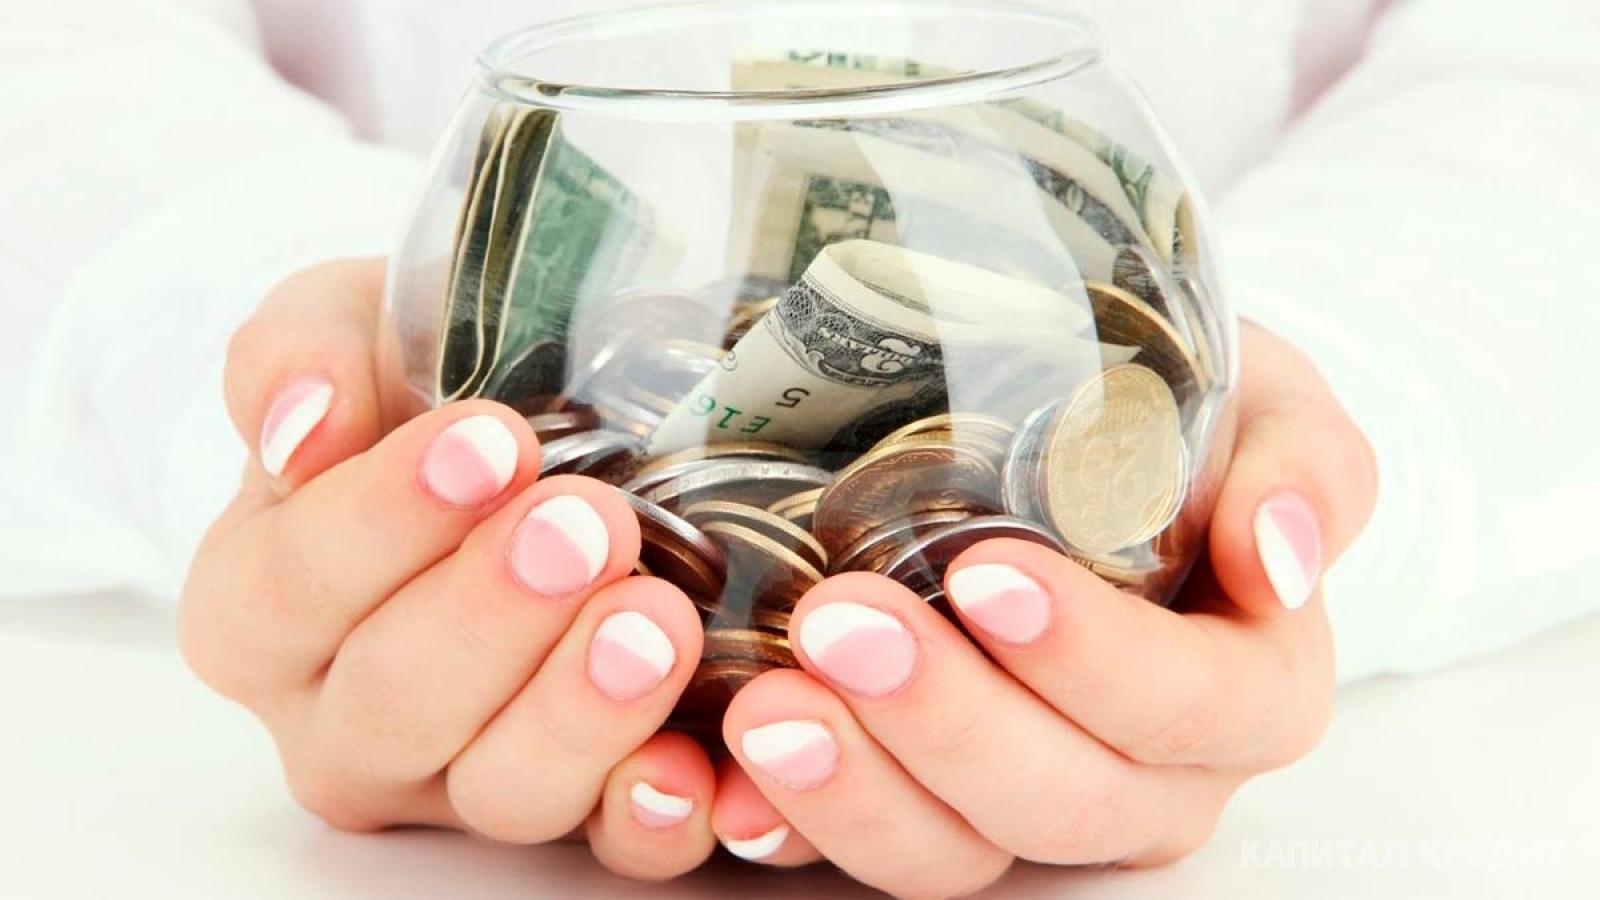 сбербанк кредиты за рубежом проценты